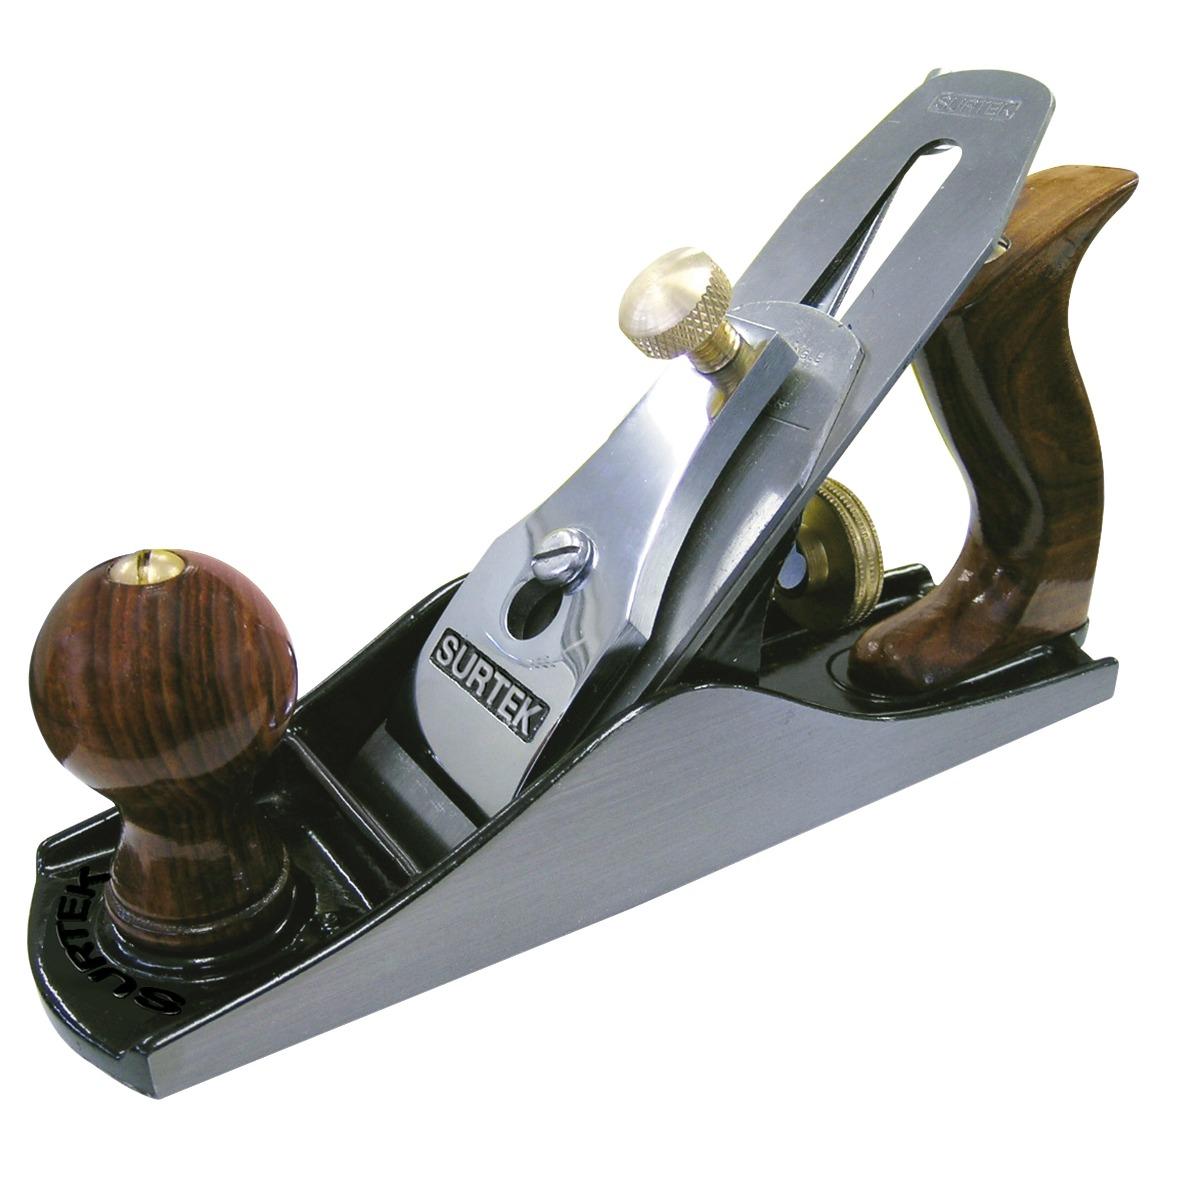 Cepillo Para Carpintero Base Corrugada  4 -   702.45 en Mercado Libre 9df436eff02f